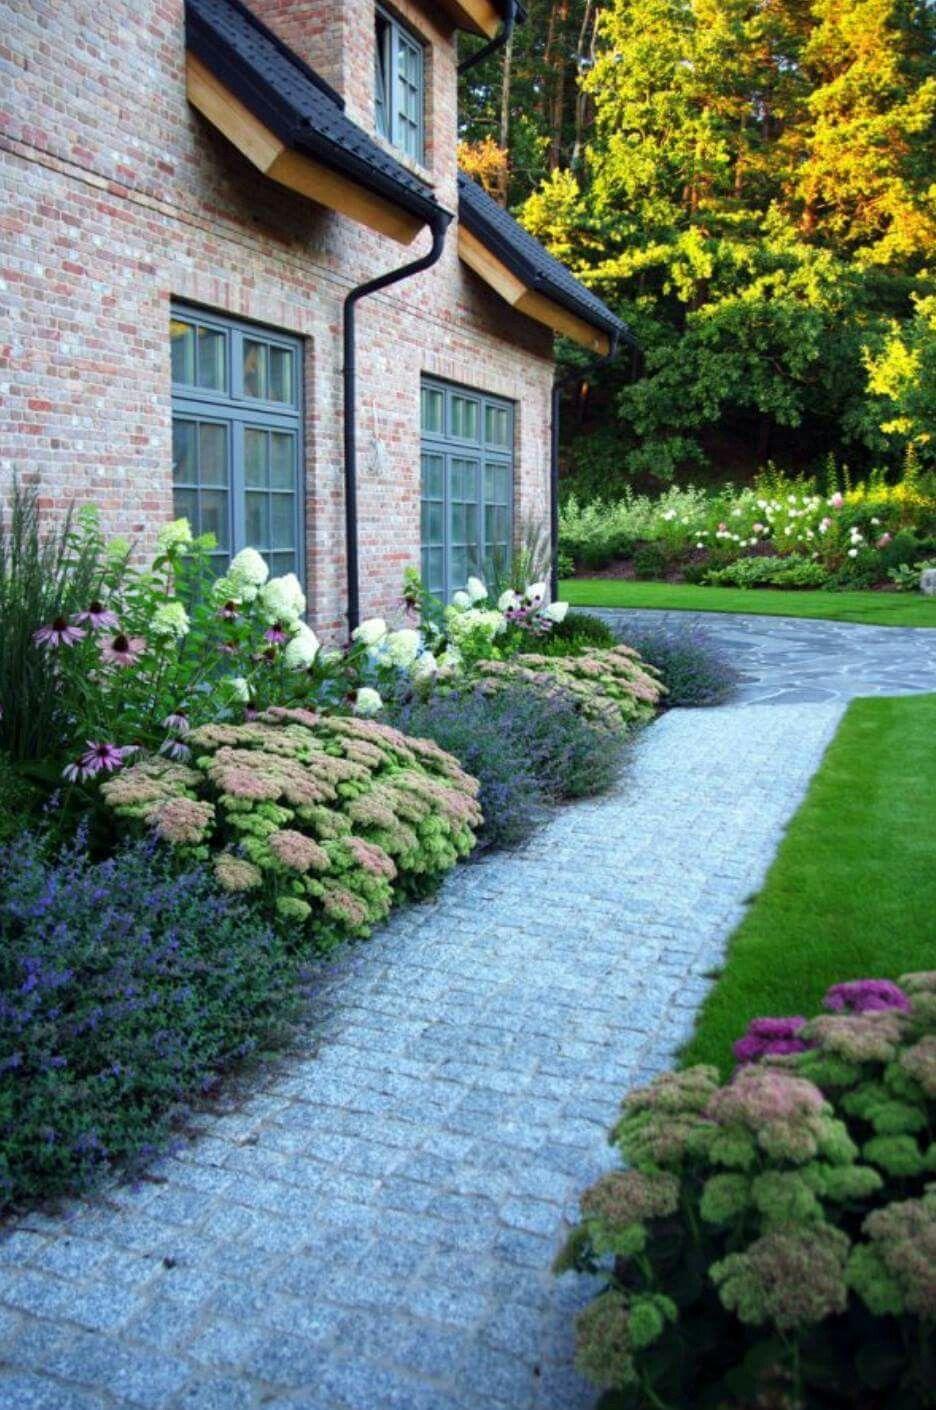 Pad naar voordeur  ideeën  grind  path  voortuin  front yard  vorgarten ideeën #modernfrontyard